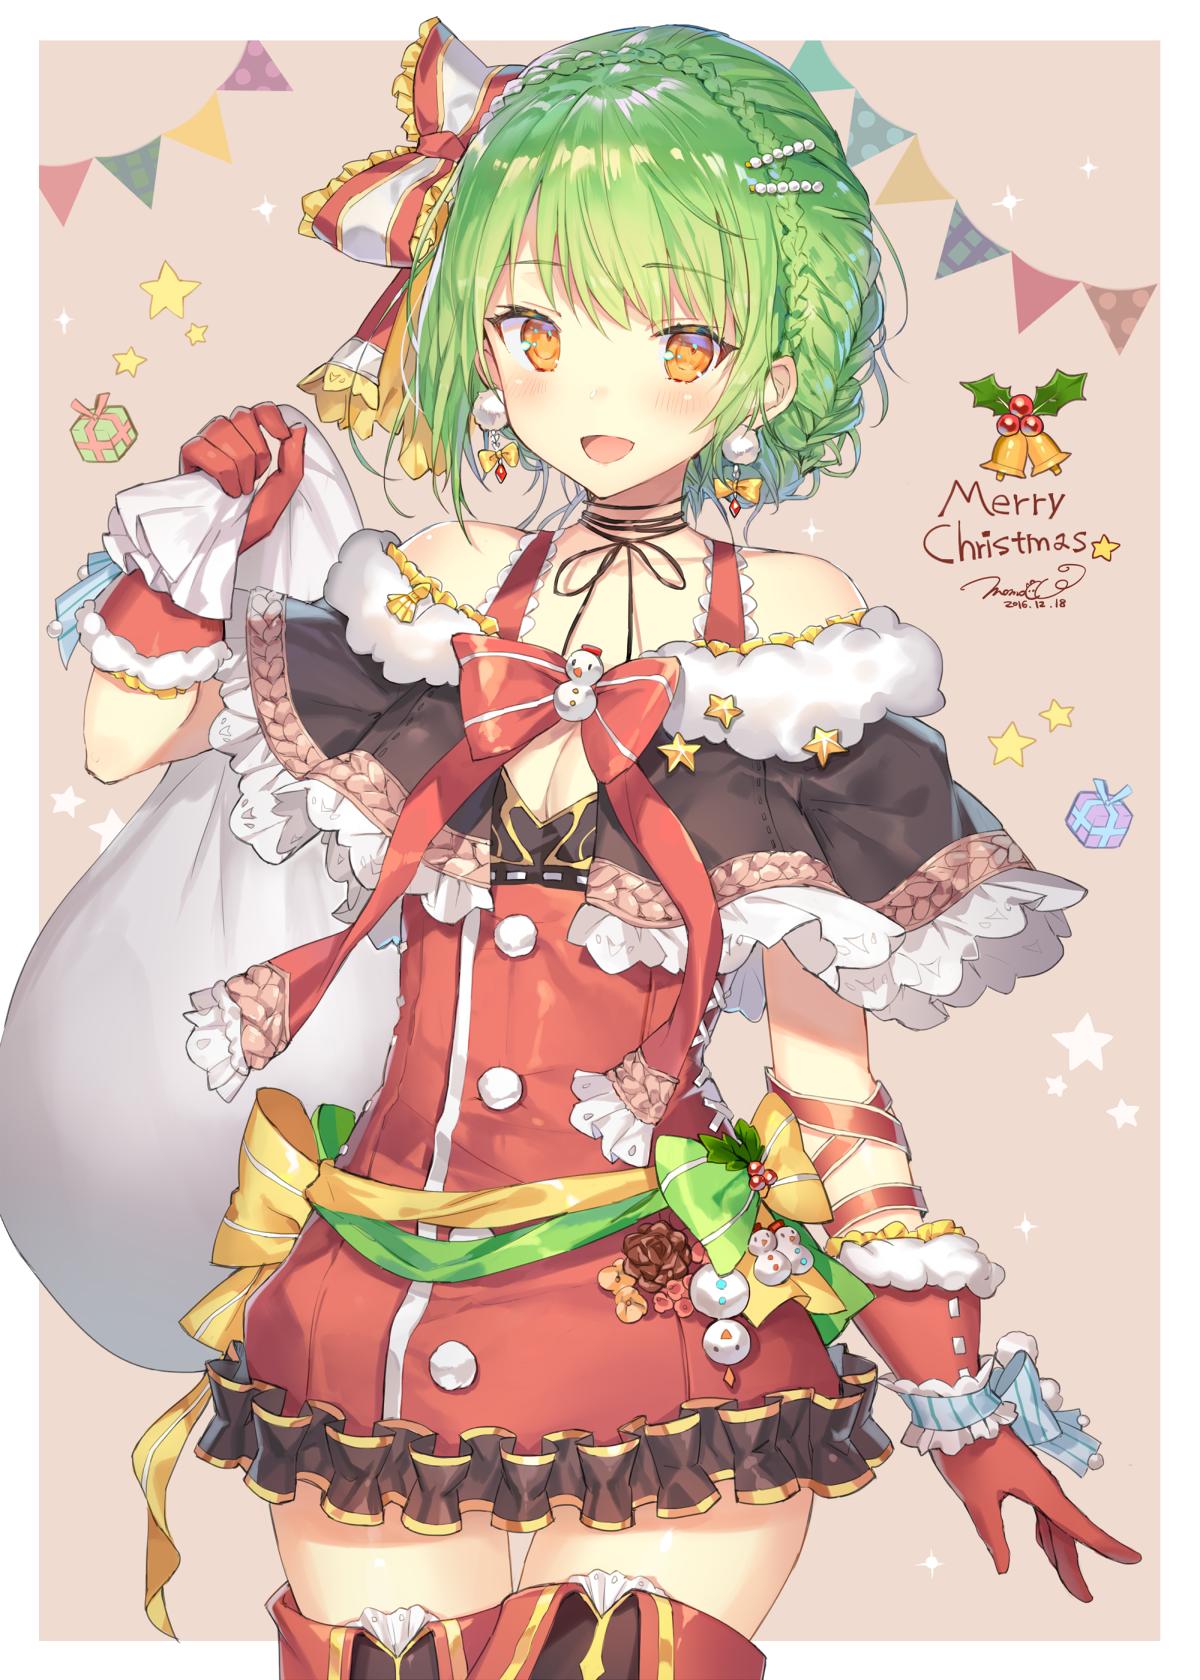 クリスマス キャラ 女の子の画像検索結果 Character Design